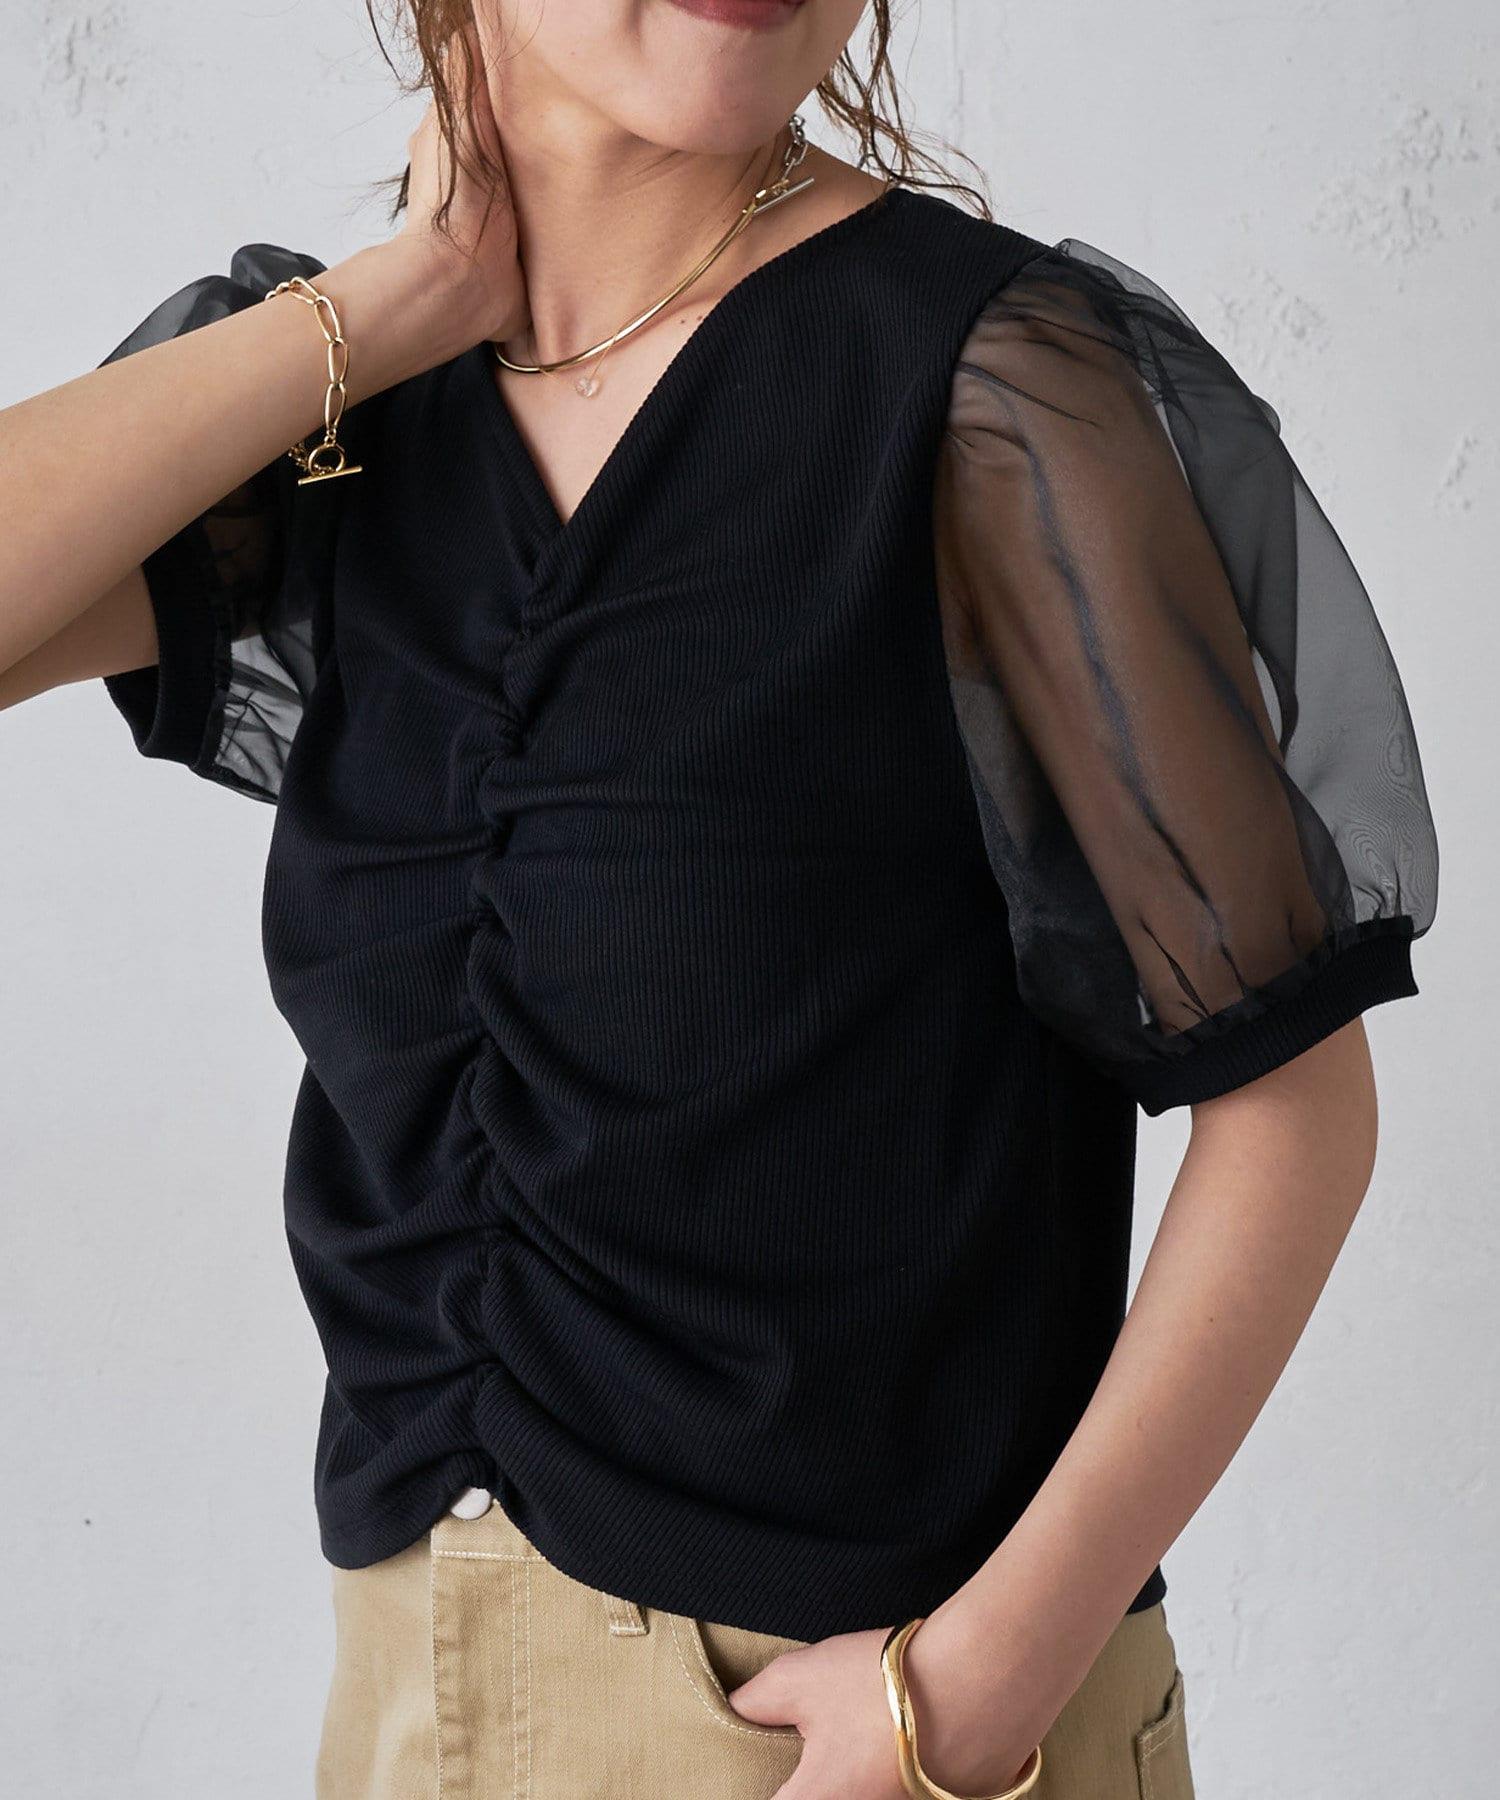 Discoat(ディスコート) レディース リブシャーリング袖ボリュームプルオーバー ブラック